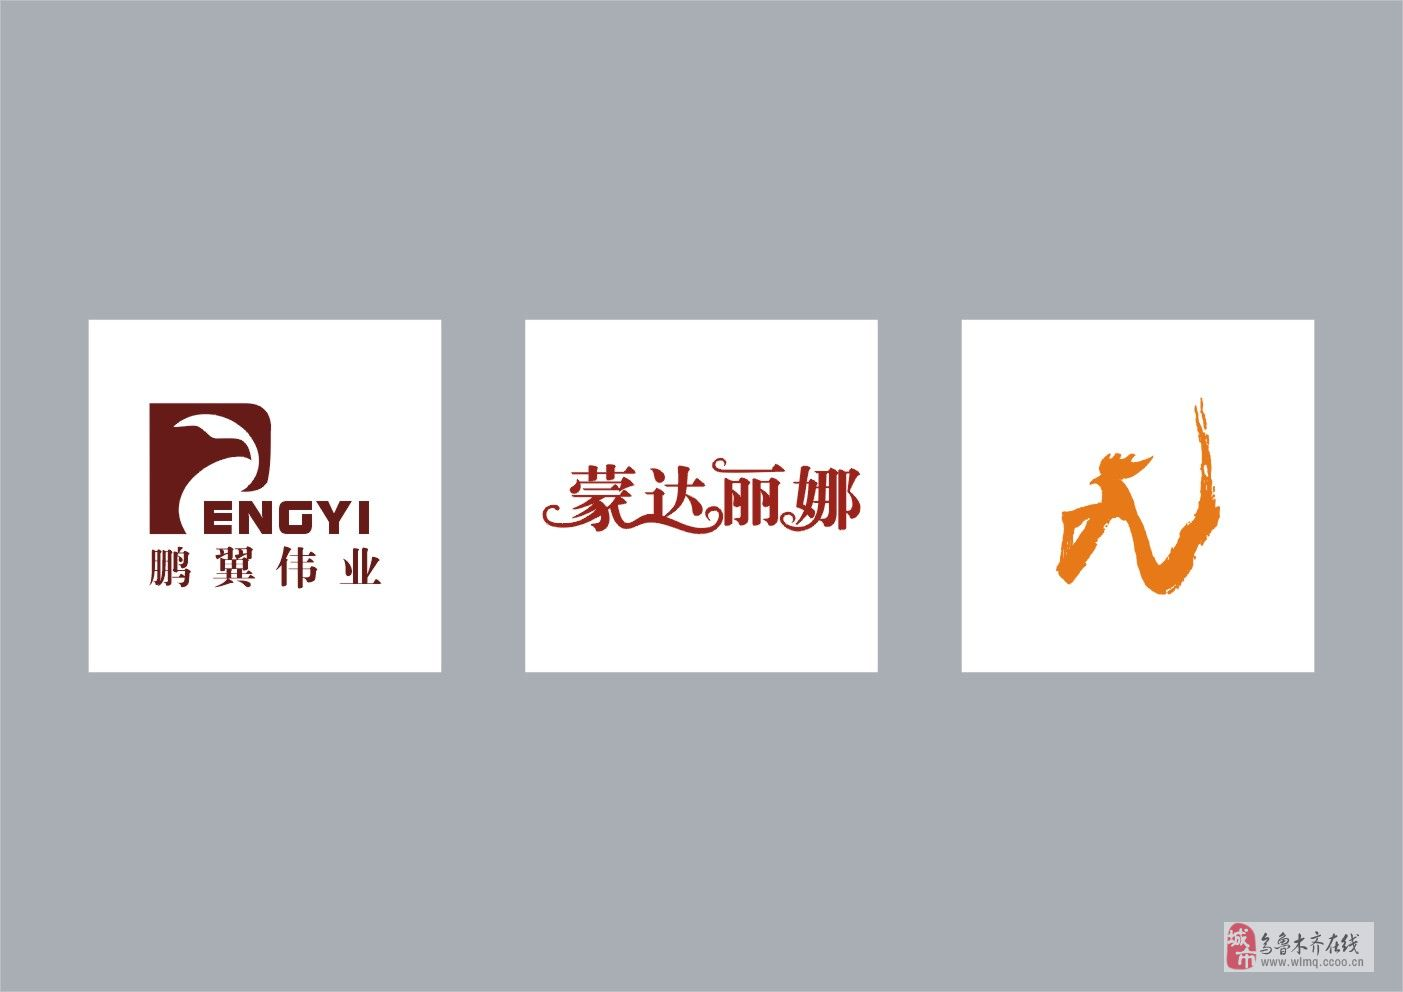 新疆標志設計,烏魯木齊一鳴標志設計機構,新疆vi設